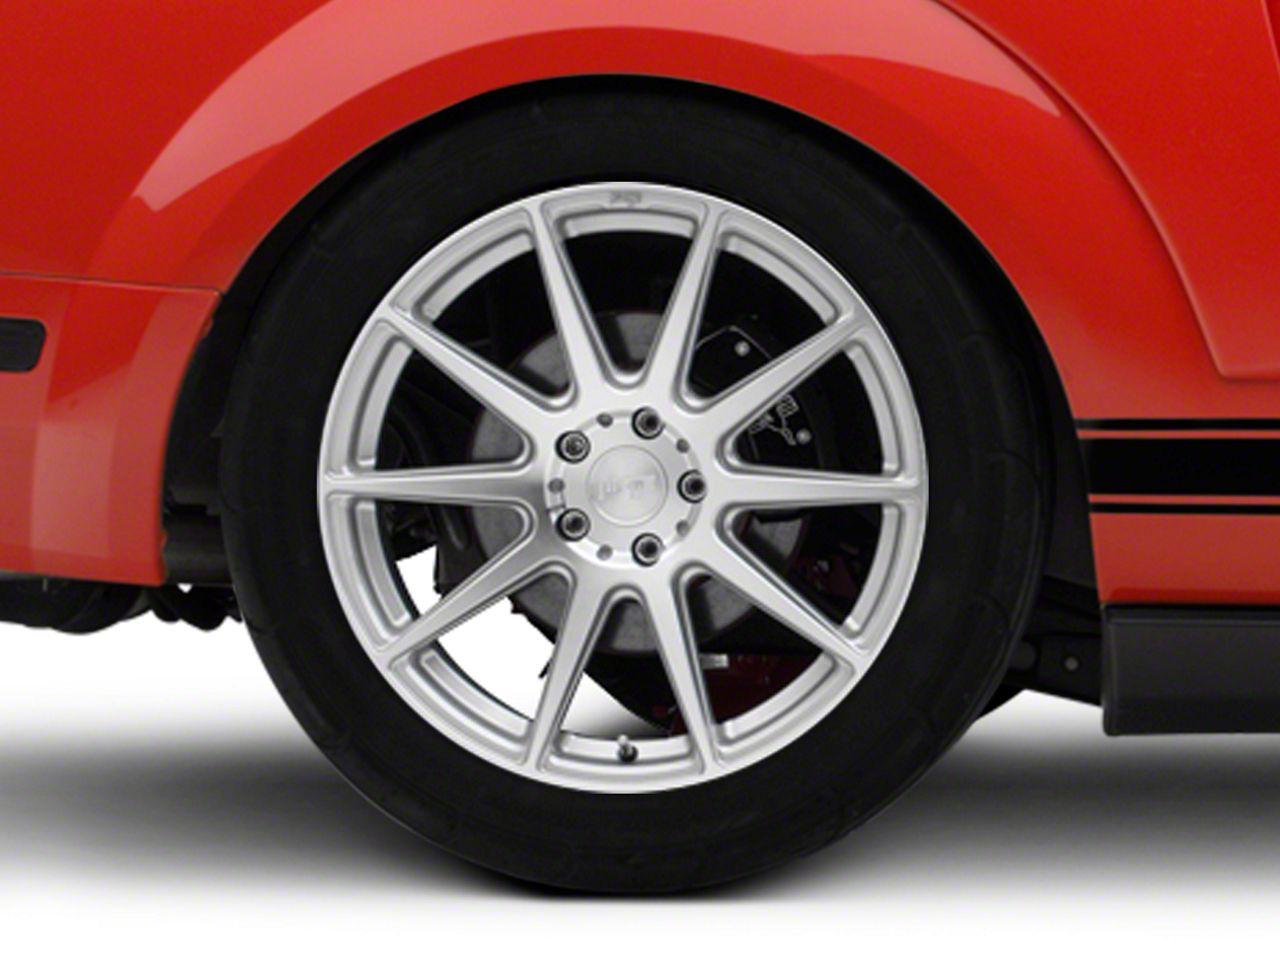 Niche Essen Silver Wheel 19x10 - Rear Only (05-14 All)